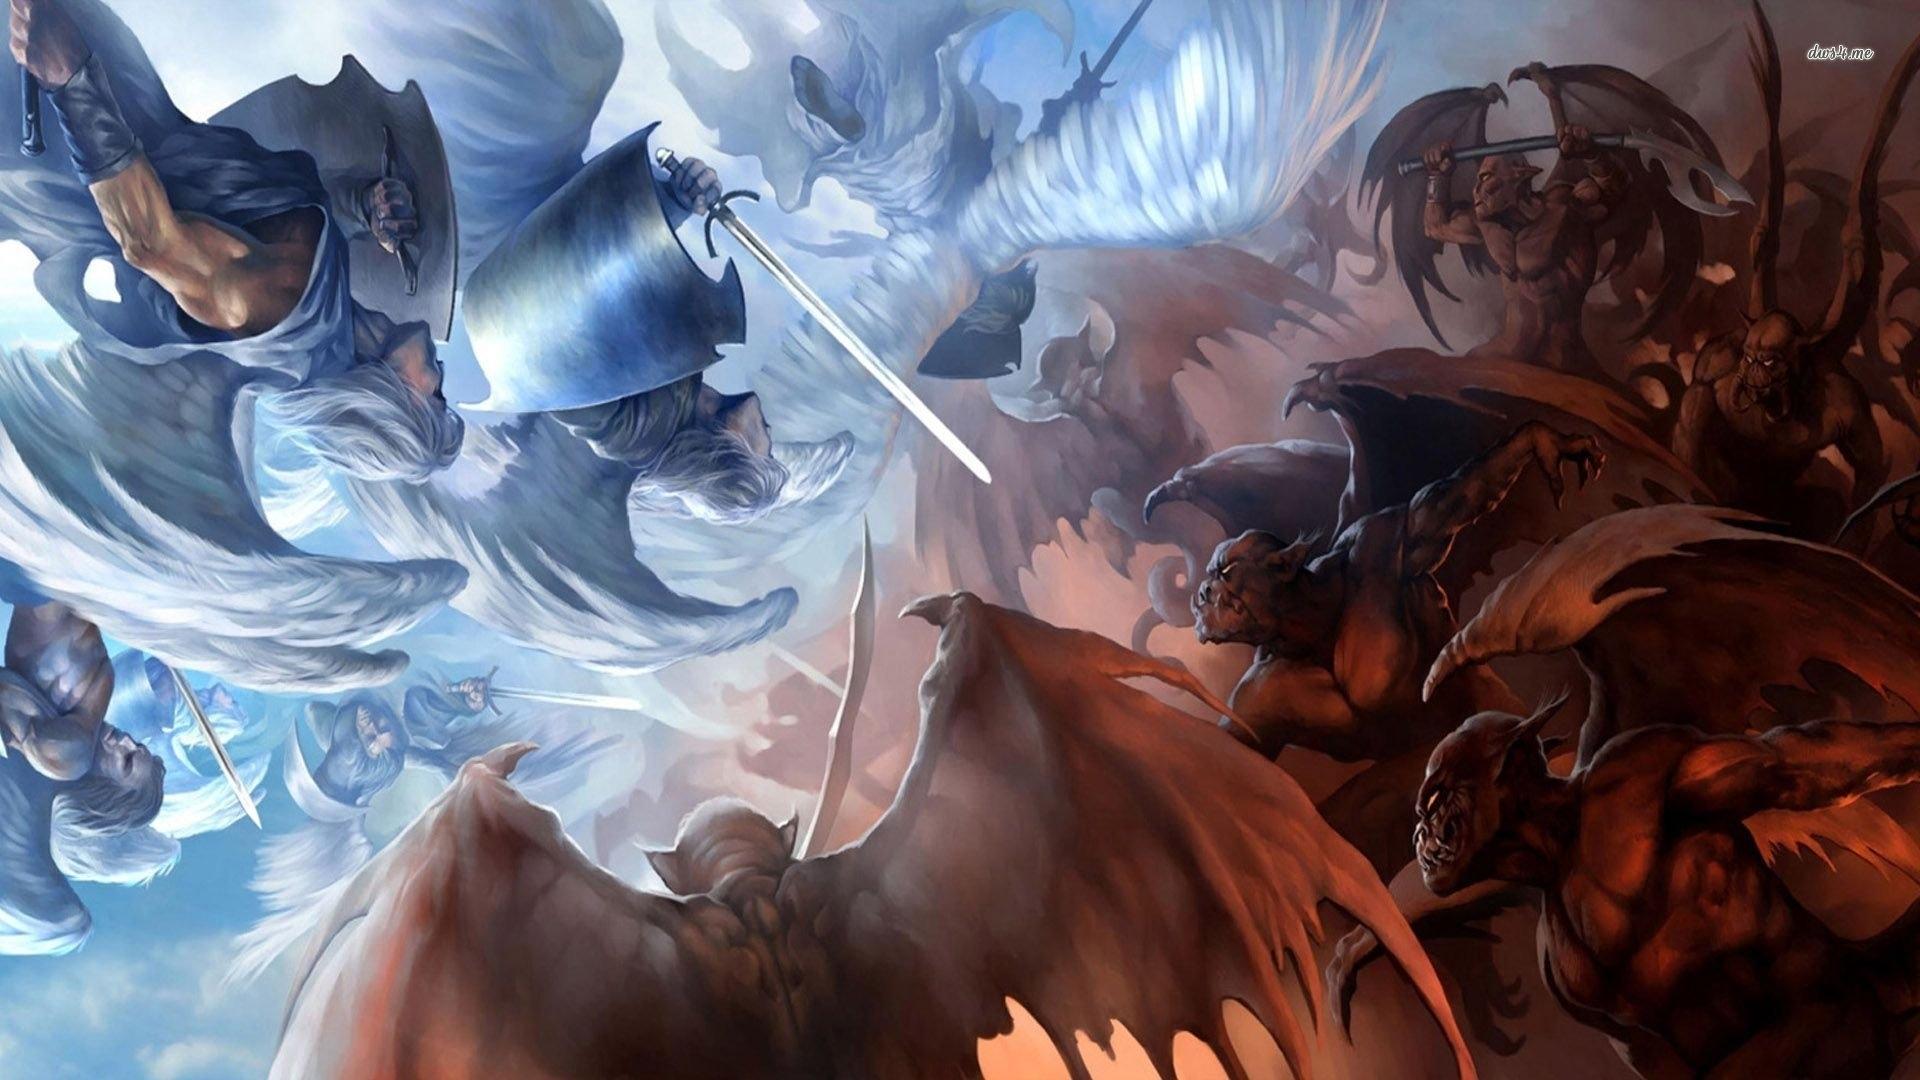 angels vs demons - walldevil